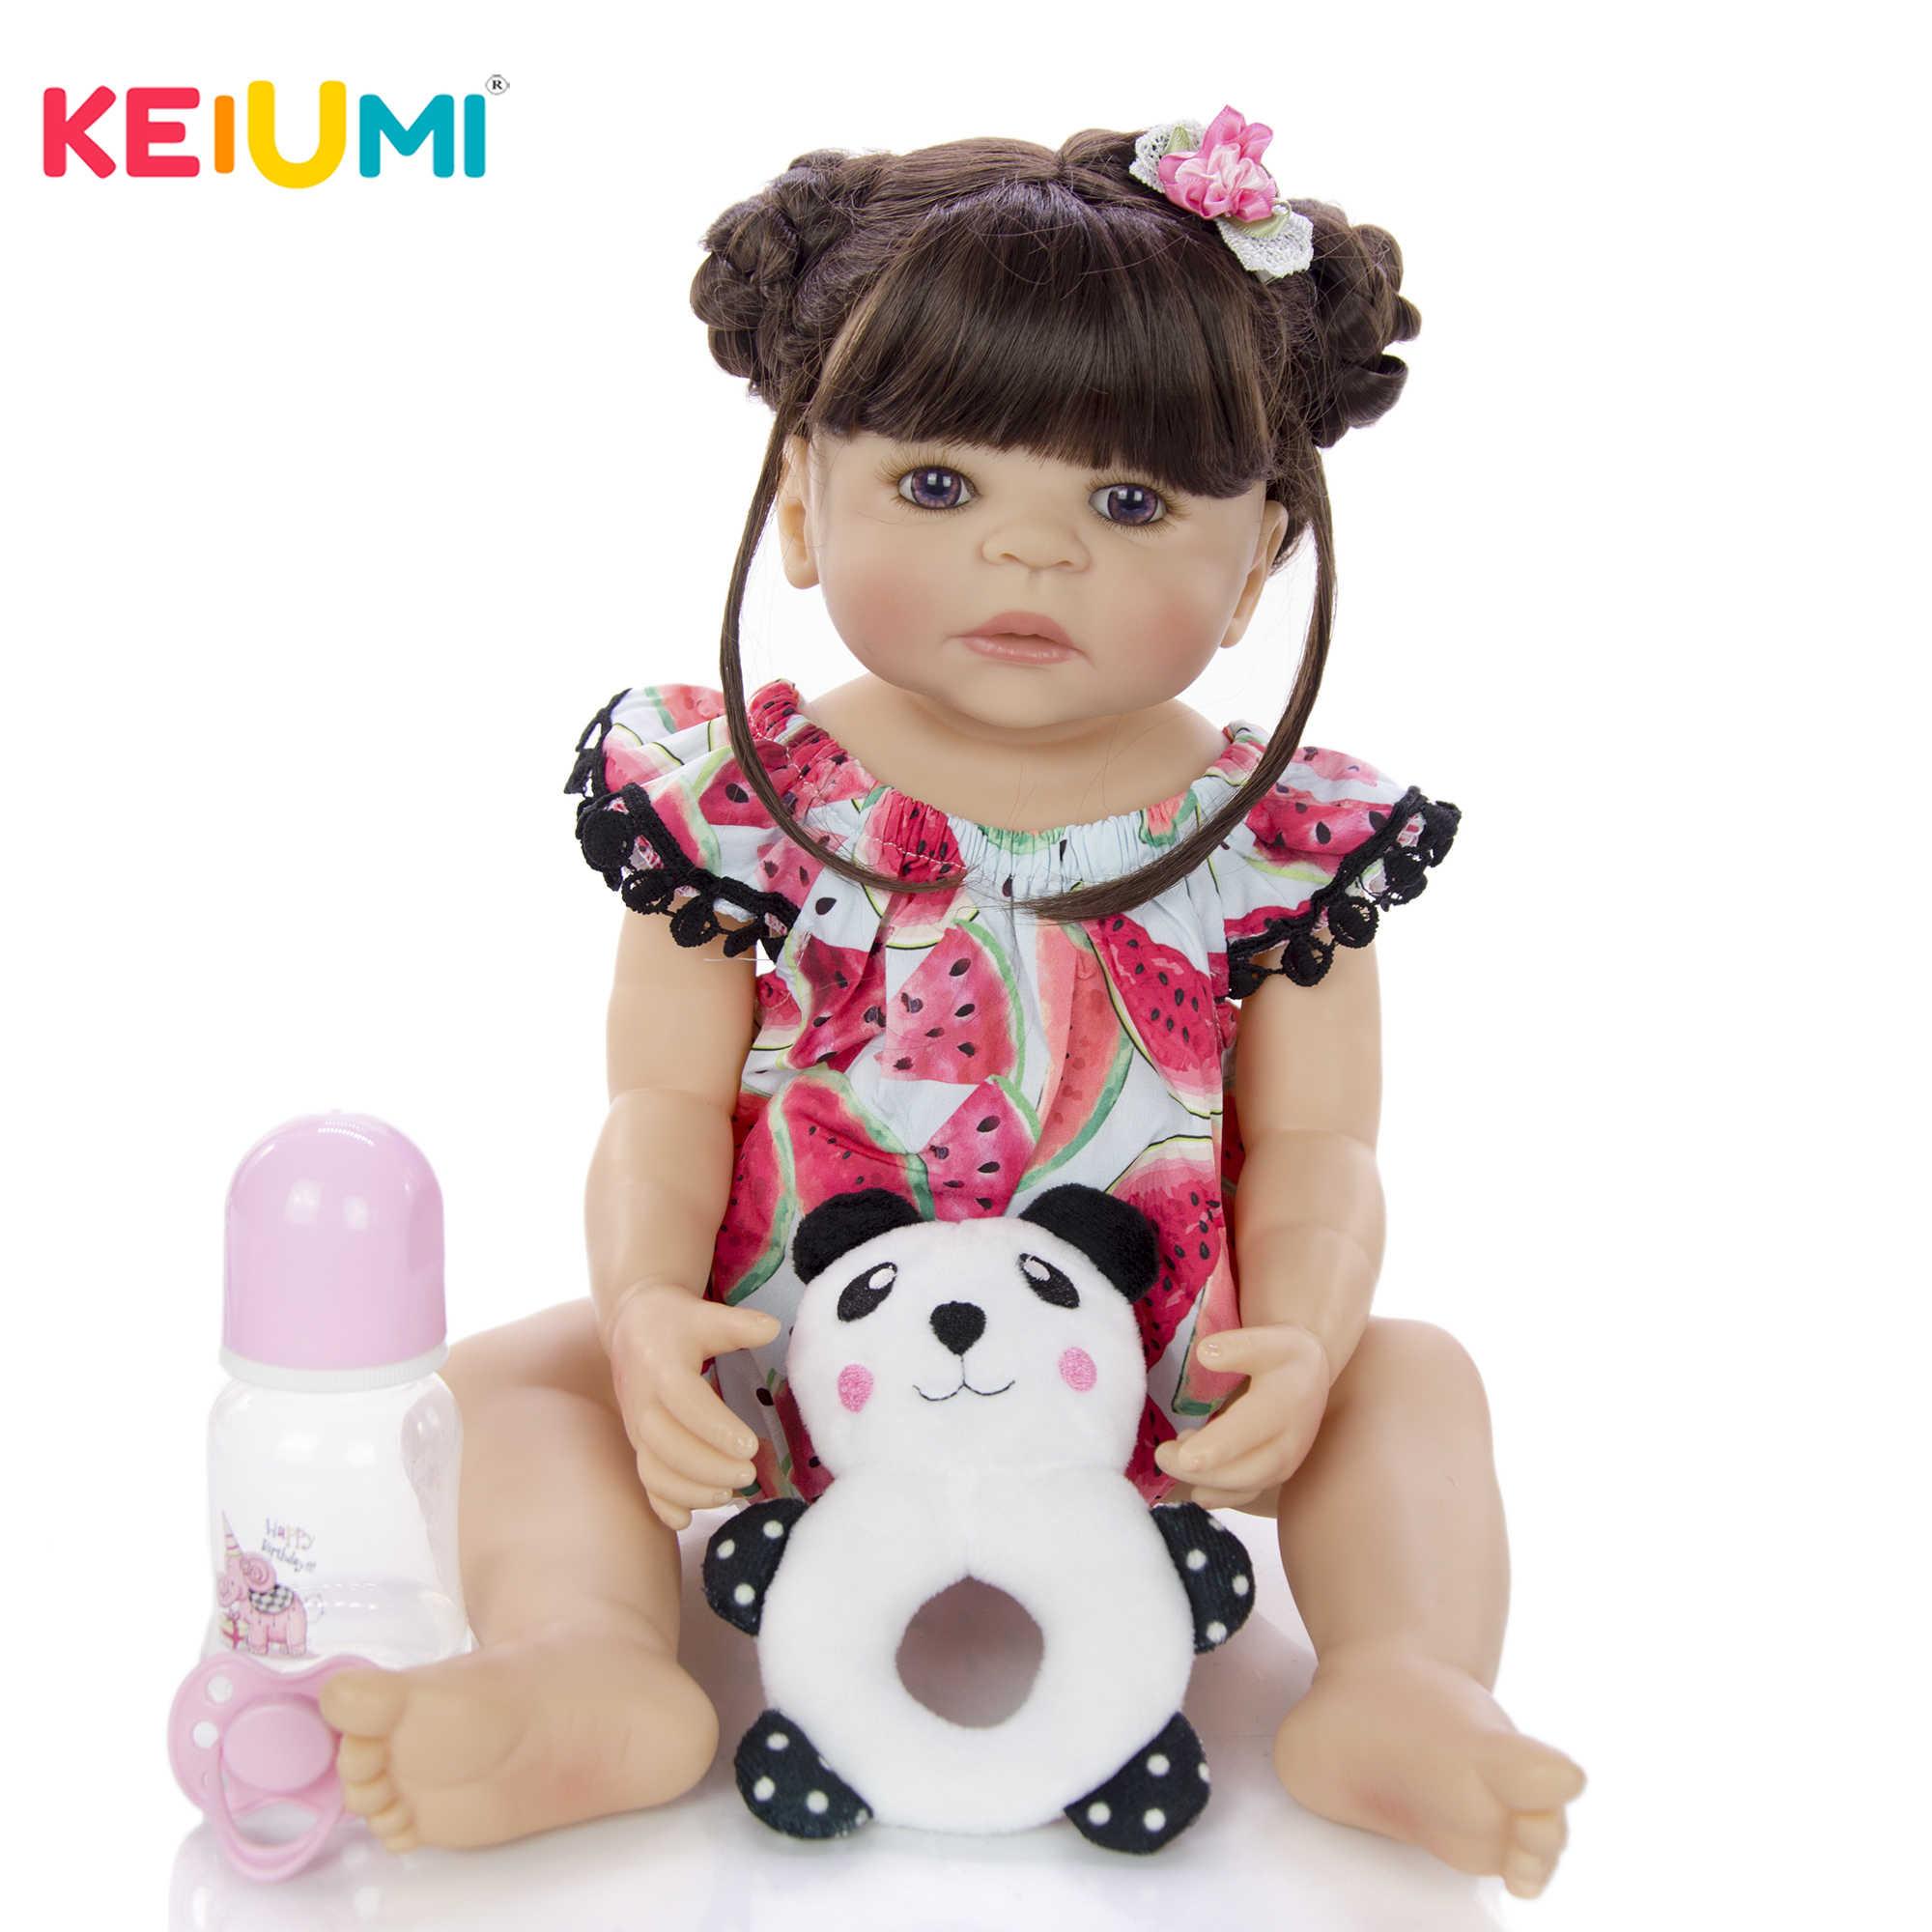 Keiumi 22 Polegada realista reborn bebês boneca 55 cm corpo de silicone vinil completo realista recém-nascido do bebê menina meninas para presentes das crianças